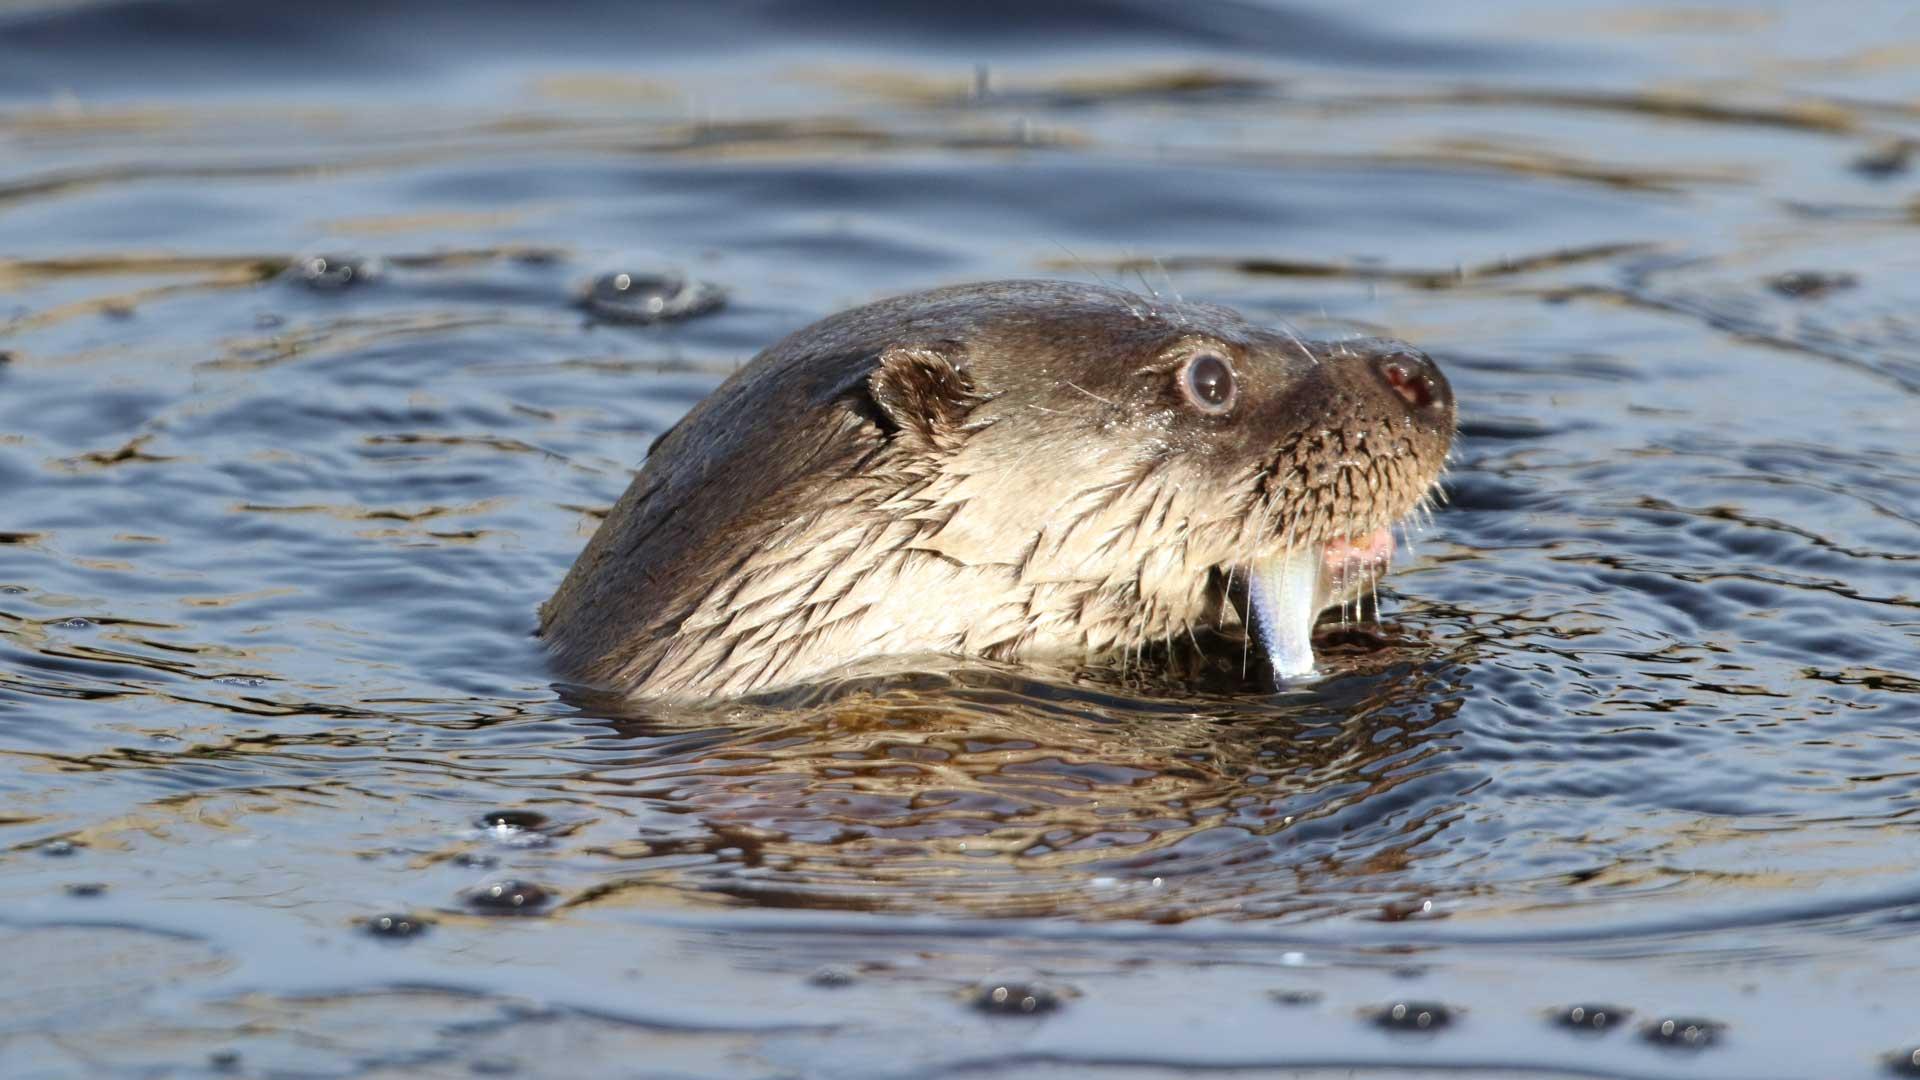 I naturumsjön finns det gott om fisk för uttrarna. Foto: Linda Niklasson